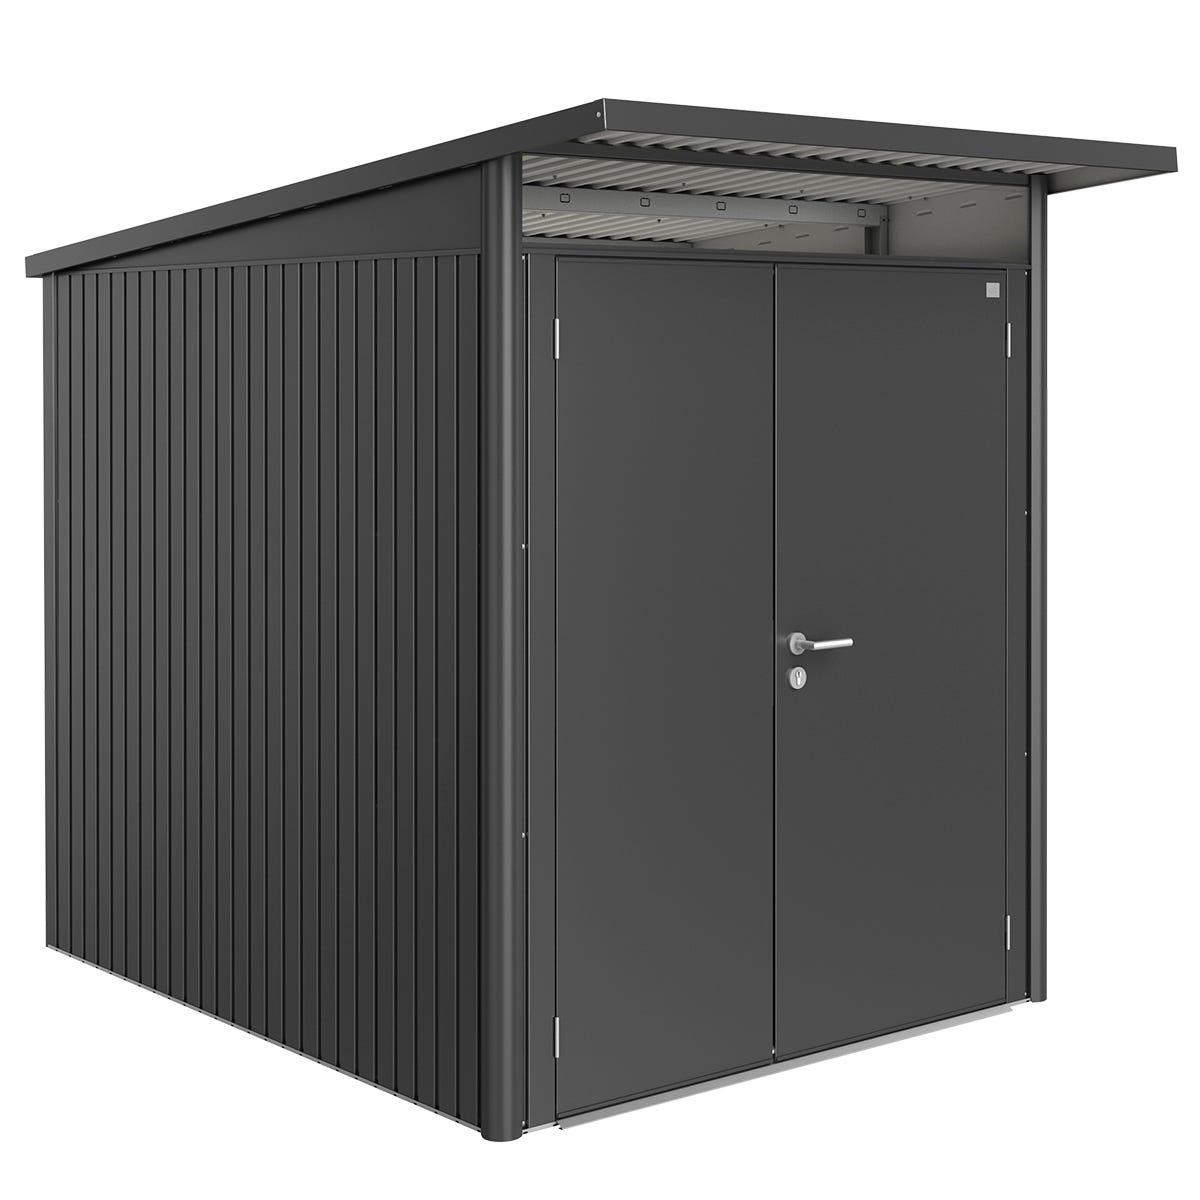 Biohort AvantGarde Metal Shed A2 Double door 5' 9'' x 8' 5'' - Dark Grey